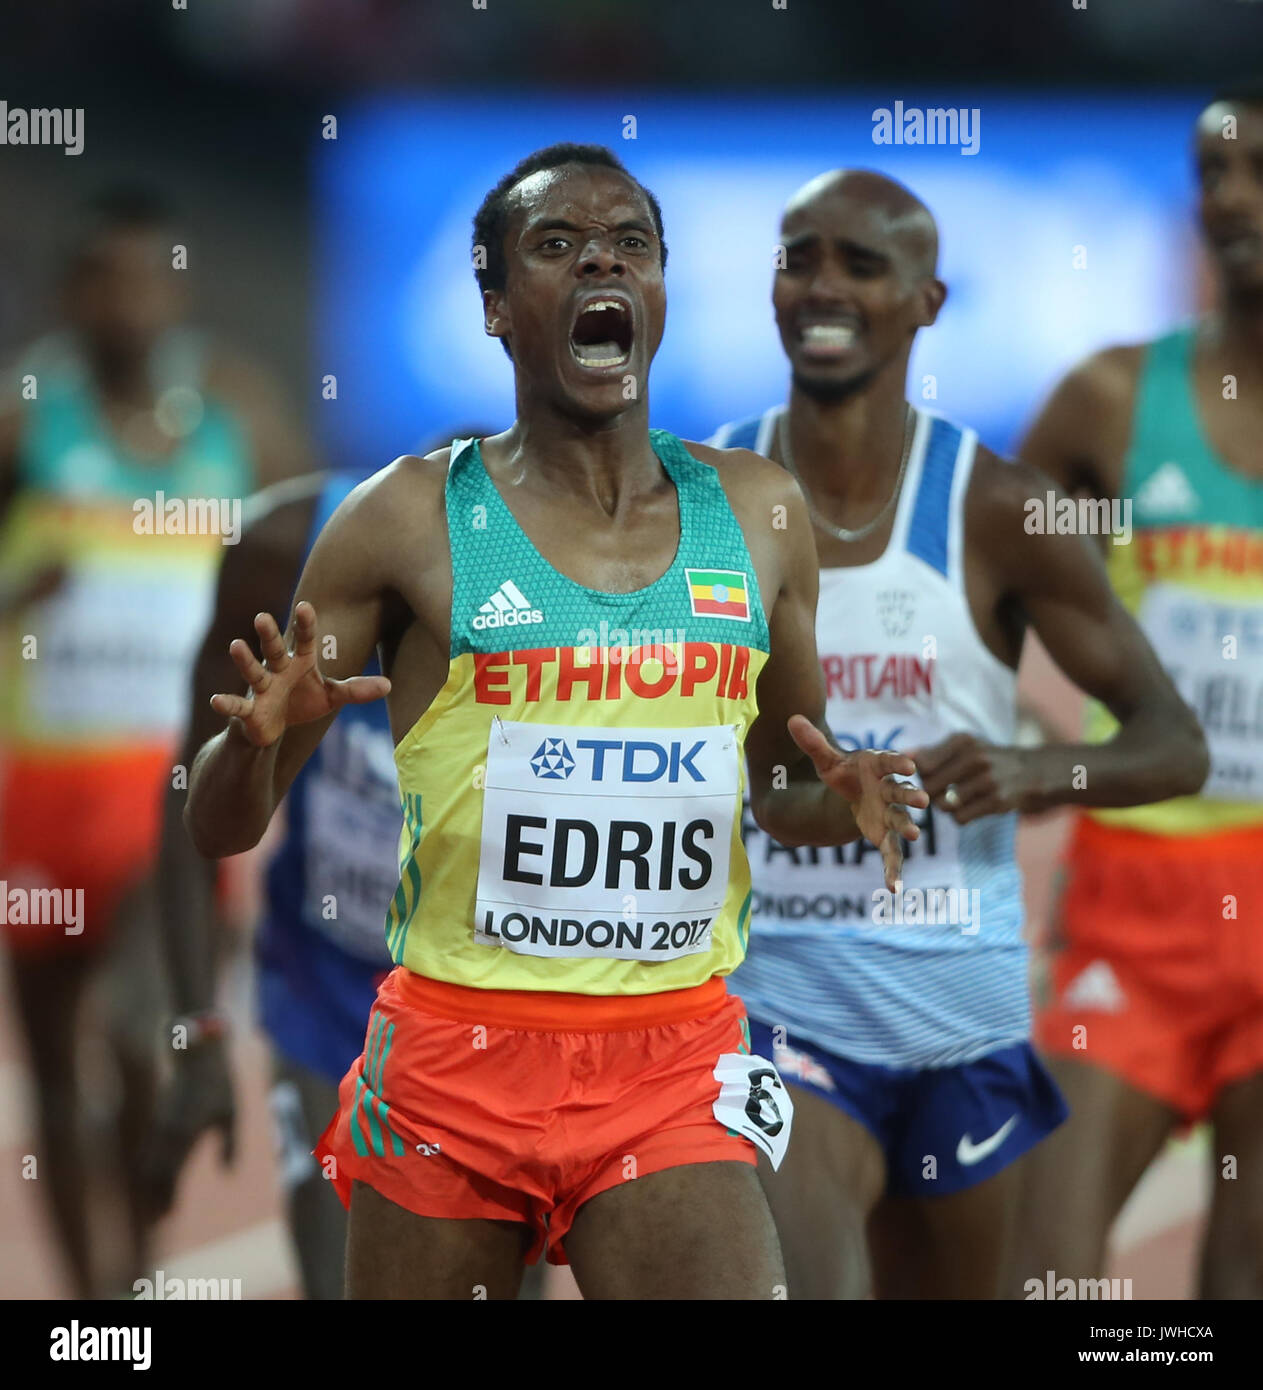 London, Großbritannien. 12 Aug, 2017. Muktar Edris gewinnt 5000m Abschließenden 5000 Meter Final Leichtathletik Stockfoto